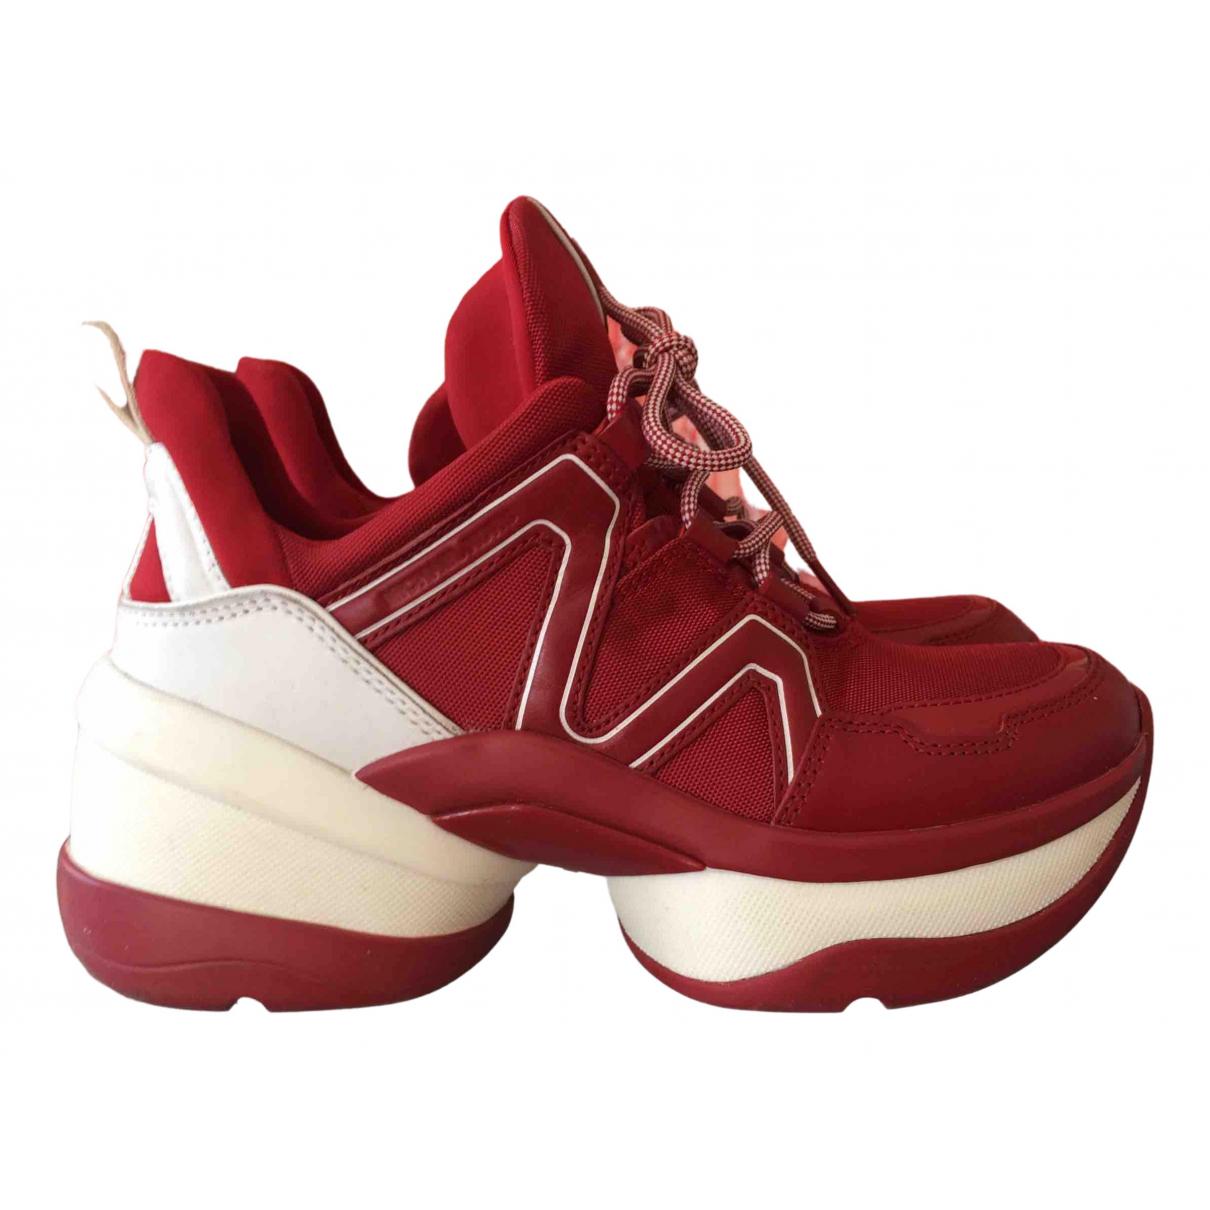 Michael Kors \N Sneakers in  Rot Polyester